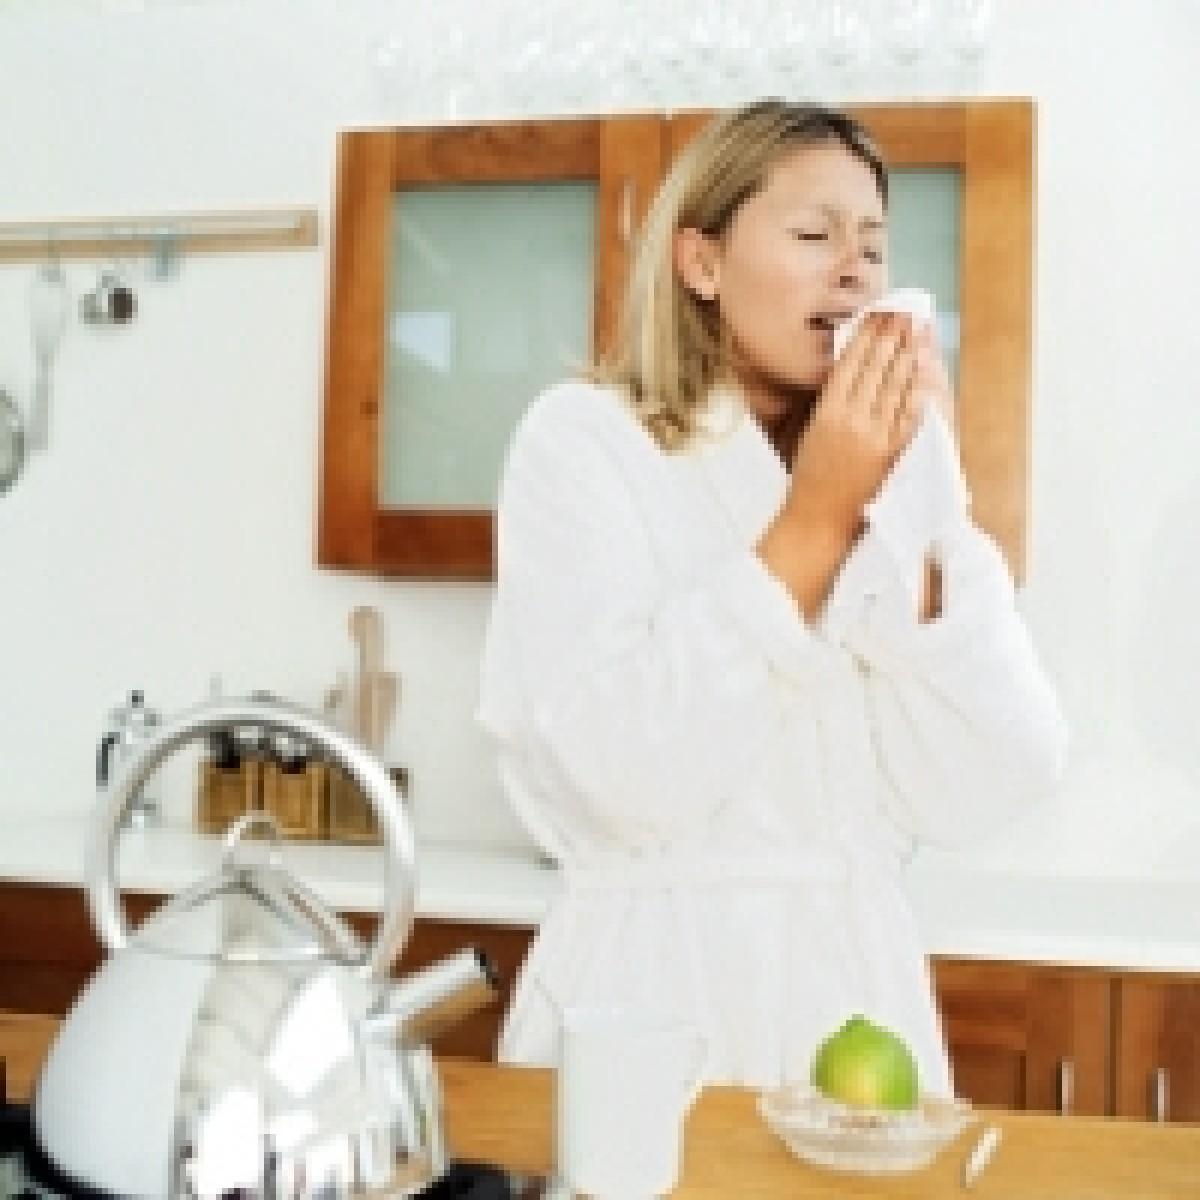 Saúde: Simples procedimentos para prevenir-se de gripes e resfriados no inverno